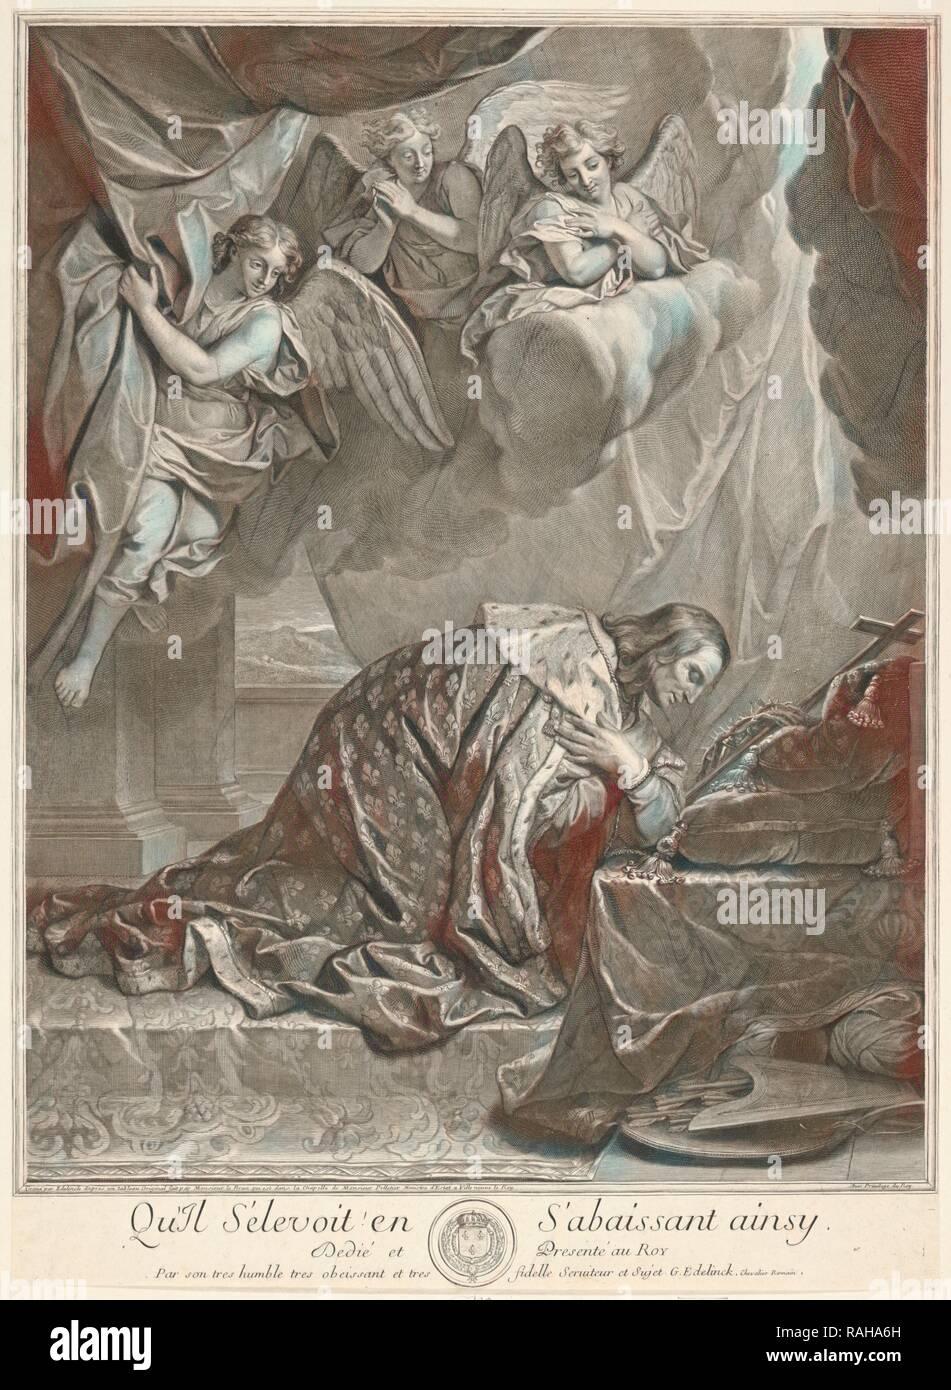 Retrato de San Luis, rey de Francia, Gérard Edelinck, 1640-1707, Charles Le Brun, 1619-1690, grabado, negro- reinventado Foto de stock